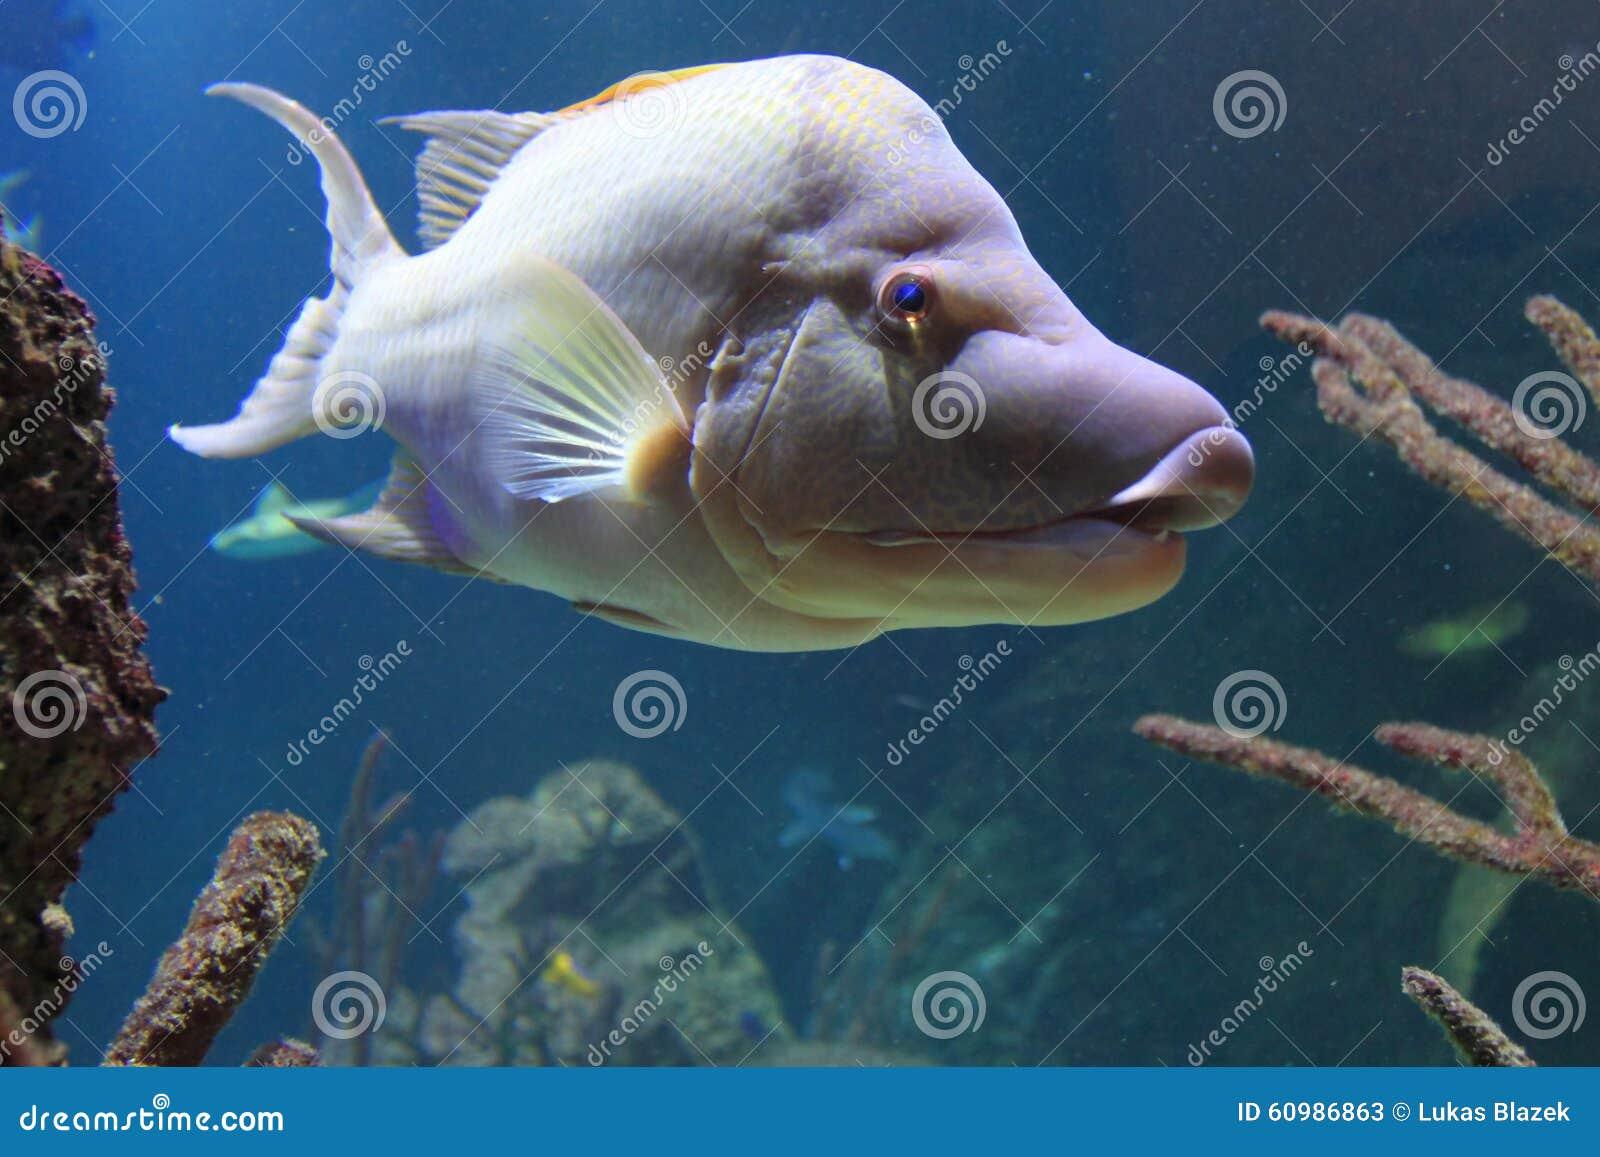 Hogfish Stock Photo - Image: 48502672